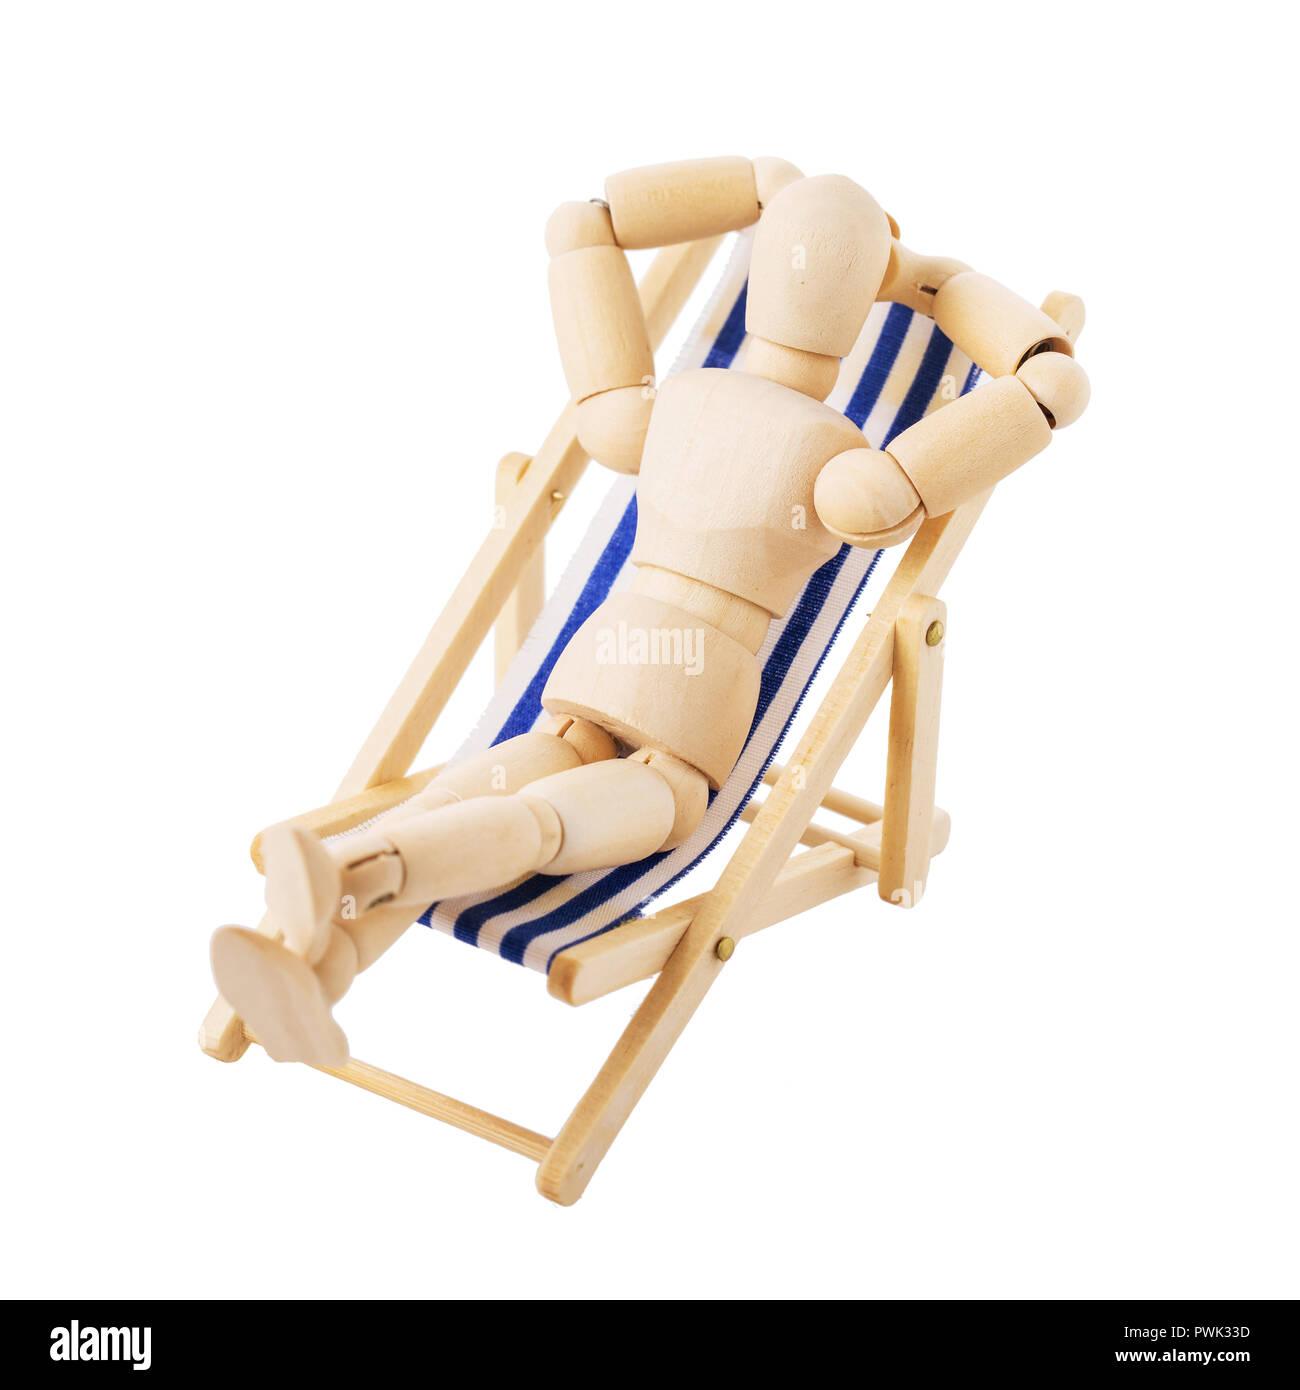 Personaggio giocattolo dell'uomo (gestalt) sul lettino isolati su sfondo bianco Immagini Stock